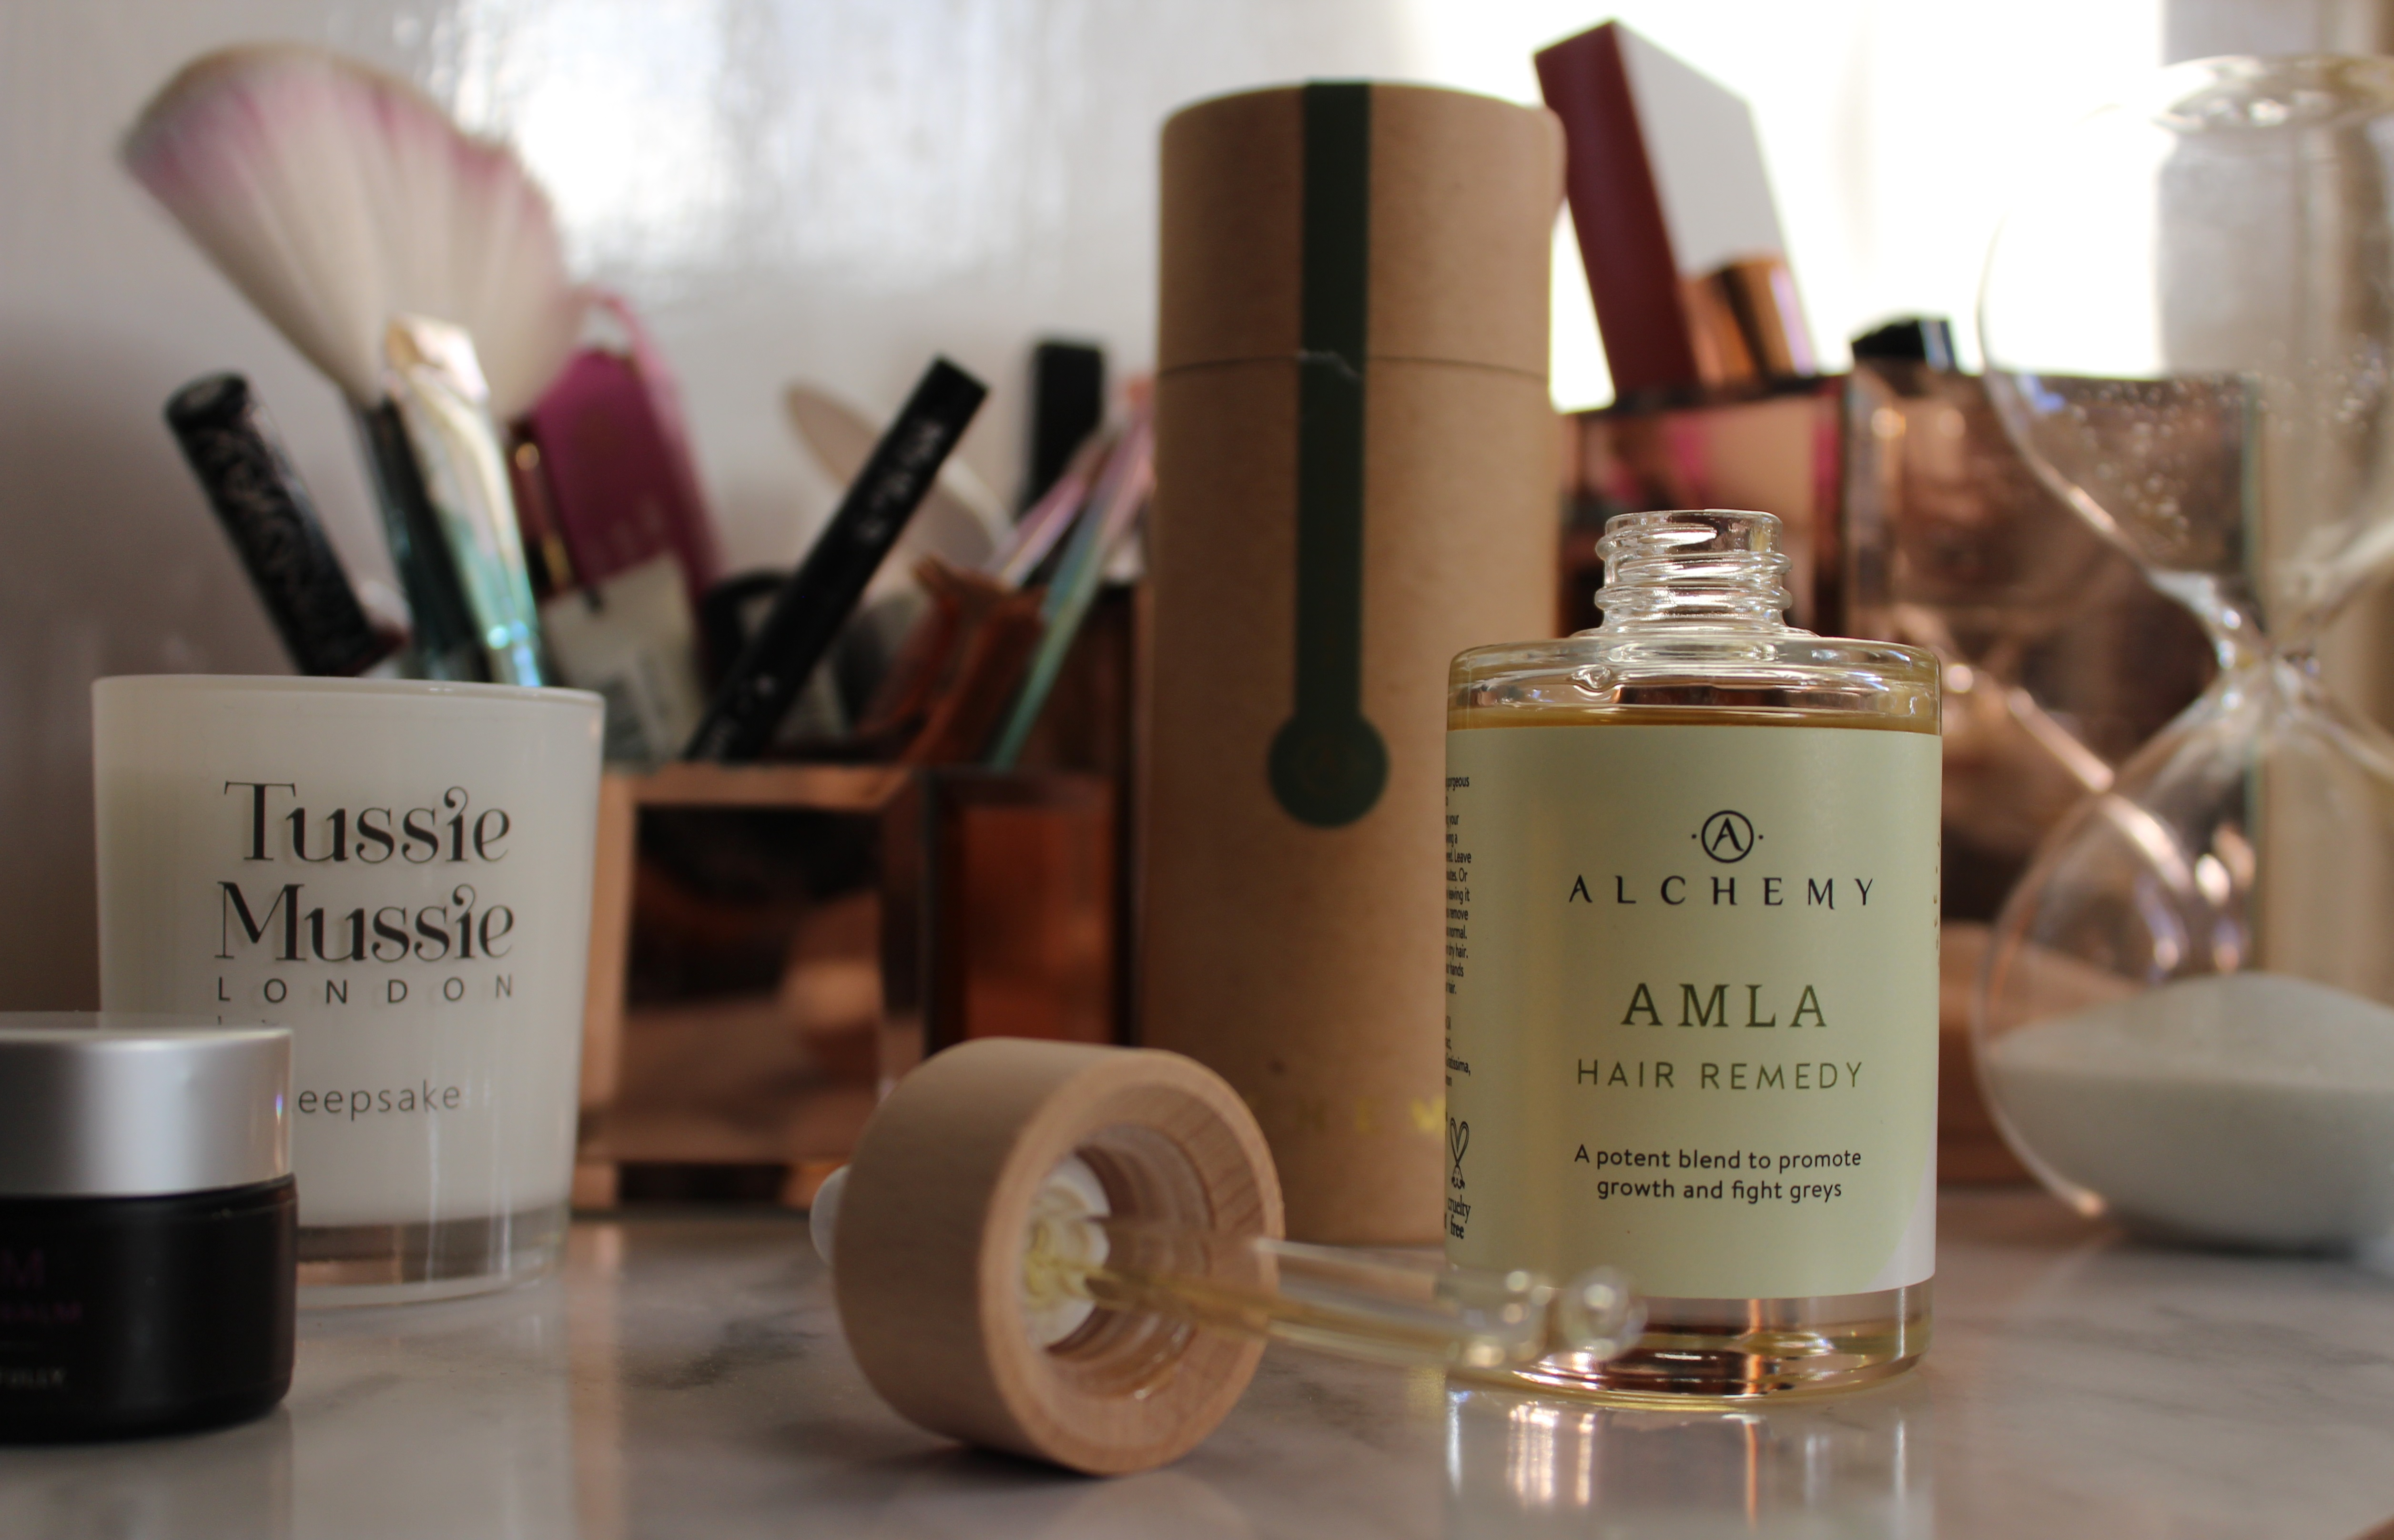 Alchemy Oils Amla Hair Remedy (8)